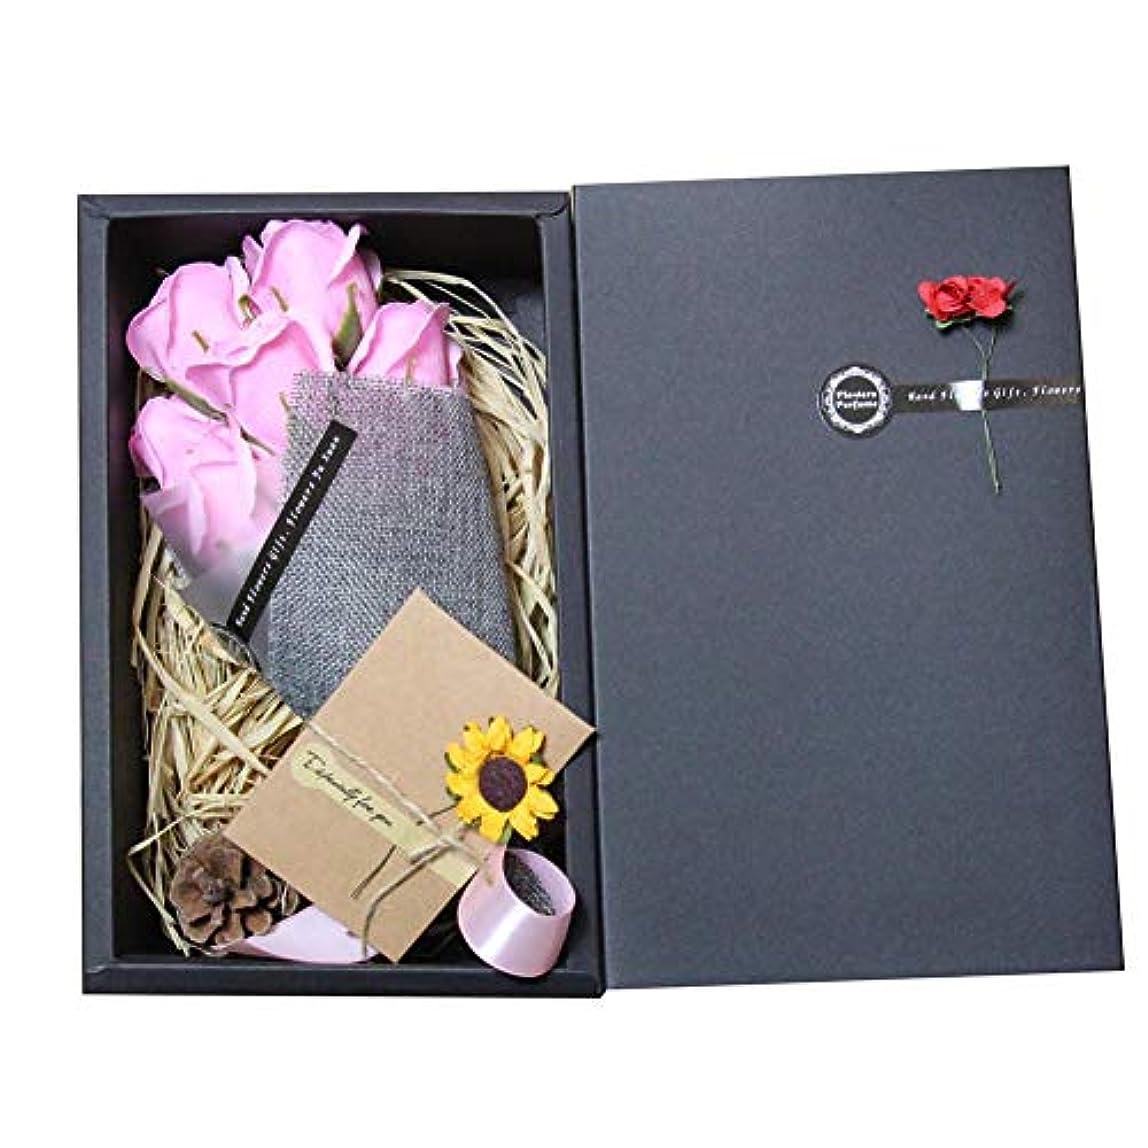 に話すアッティカスアラート石鹸 花の香りのバスソープ バラの花びら石鹸状 栄養と潤いのある肌 女の子のためのお母さん誕生日